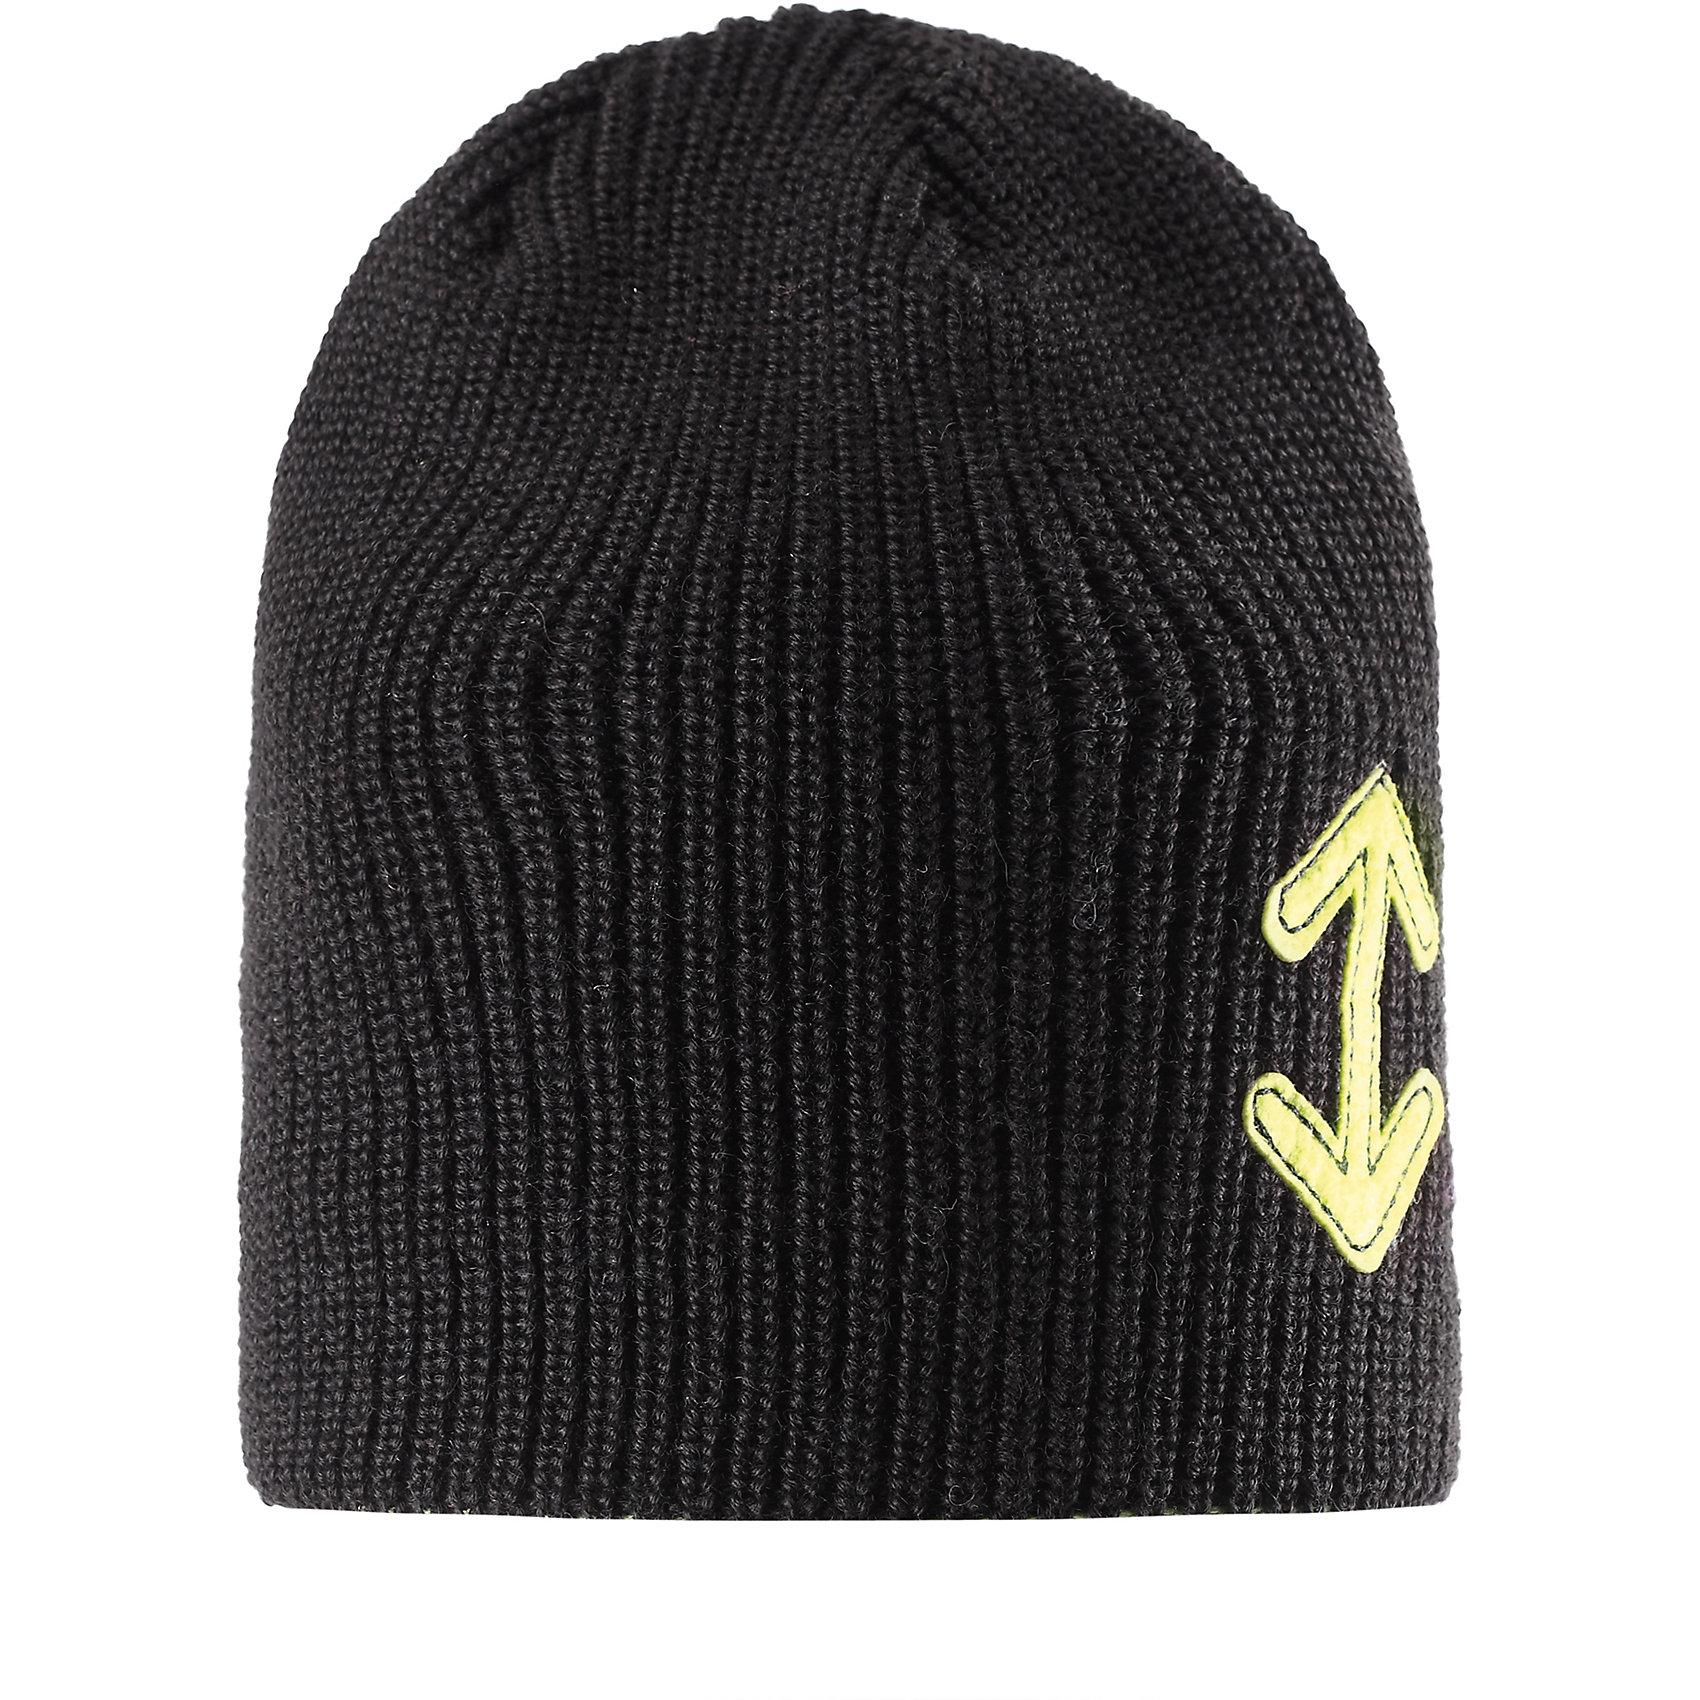 Шапка LASSIEШапки и шарфы<br>Шапка от финской марки LASSIE (Ласси).<br>Полушерстяная зимняя шапка . Ветронепроницаемые вставки в области ушей. Утеплитель флис . <br><br>Дополнительная информация:<br><br>Температурный режим -15<br>Состав: 50% Шерсть, 50% ПАН<br><br>Шапку LASSIE (Ласси) можно купить в нашем магазине.<br><br>Ширина мм: 89<br>Глубина мм: 117<br>Высота мм: 44<br>Вес г: 155<br>Цвет: черный<br>Возраст от месяцев: 12<br>Возраст до месяцев: 24<br>Пол: Унисекс<br>Возраст: Детский<br>Размер: 46-48,54-56,50-52<br>SKU: 4219164